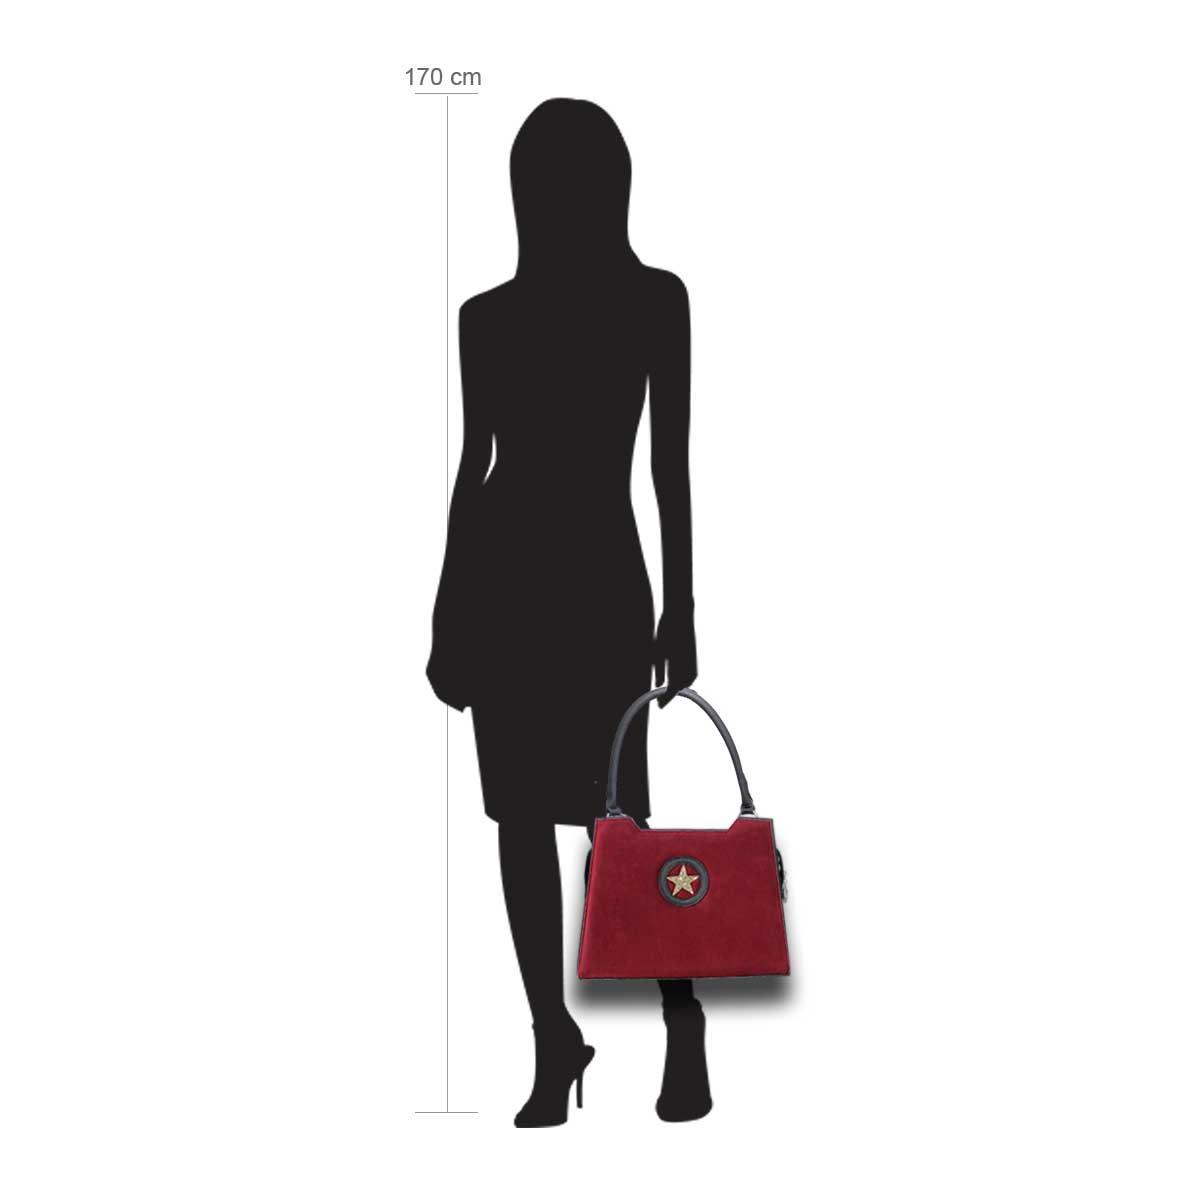 Puppe 170 cm groß zeigt die Taschengröße an . Modell: Paris